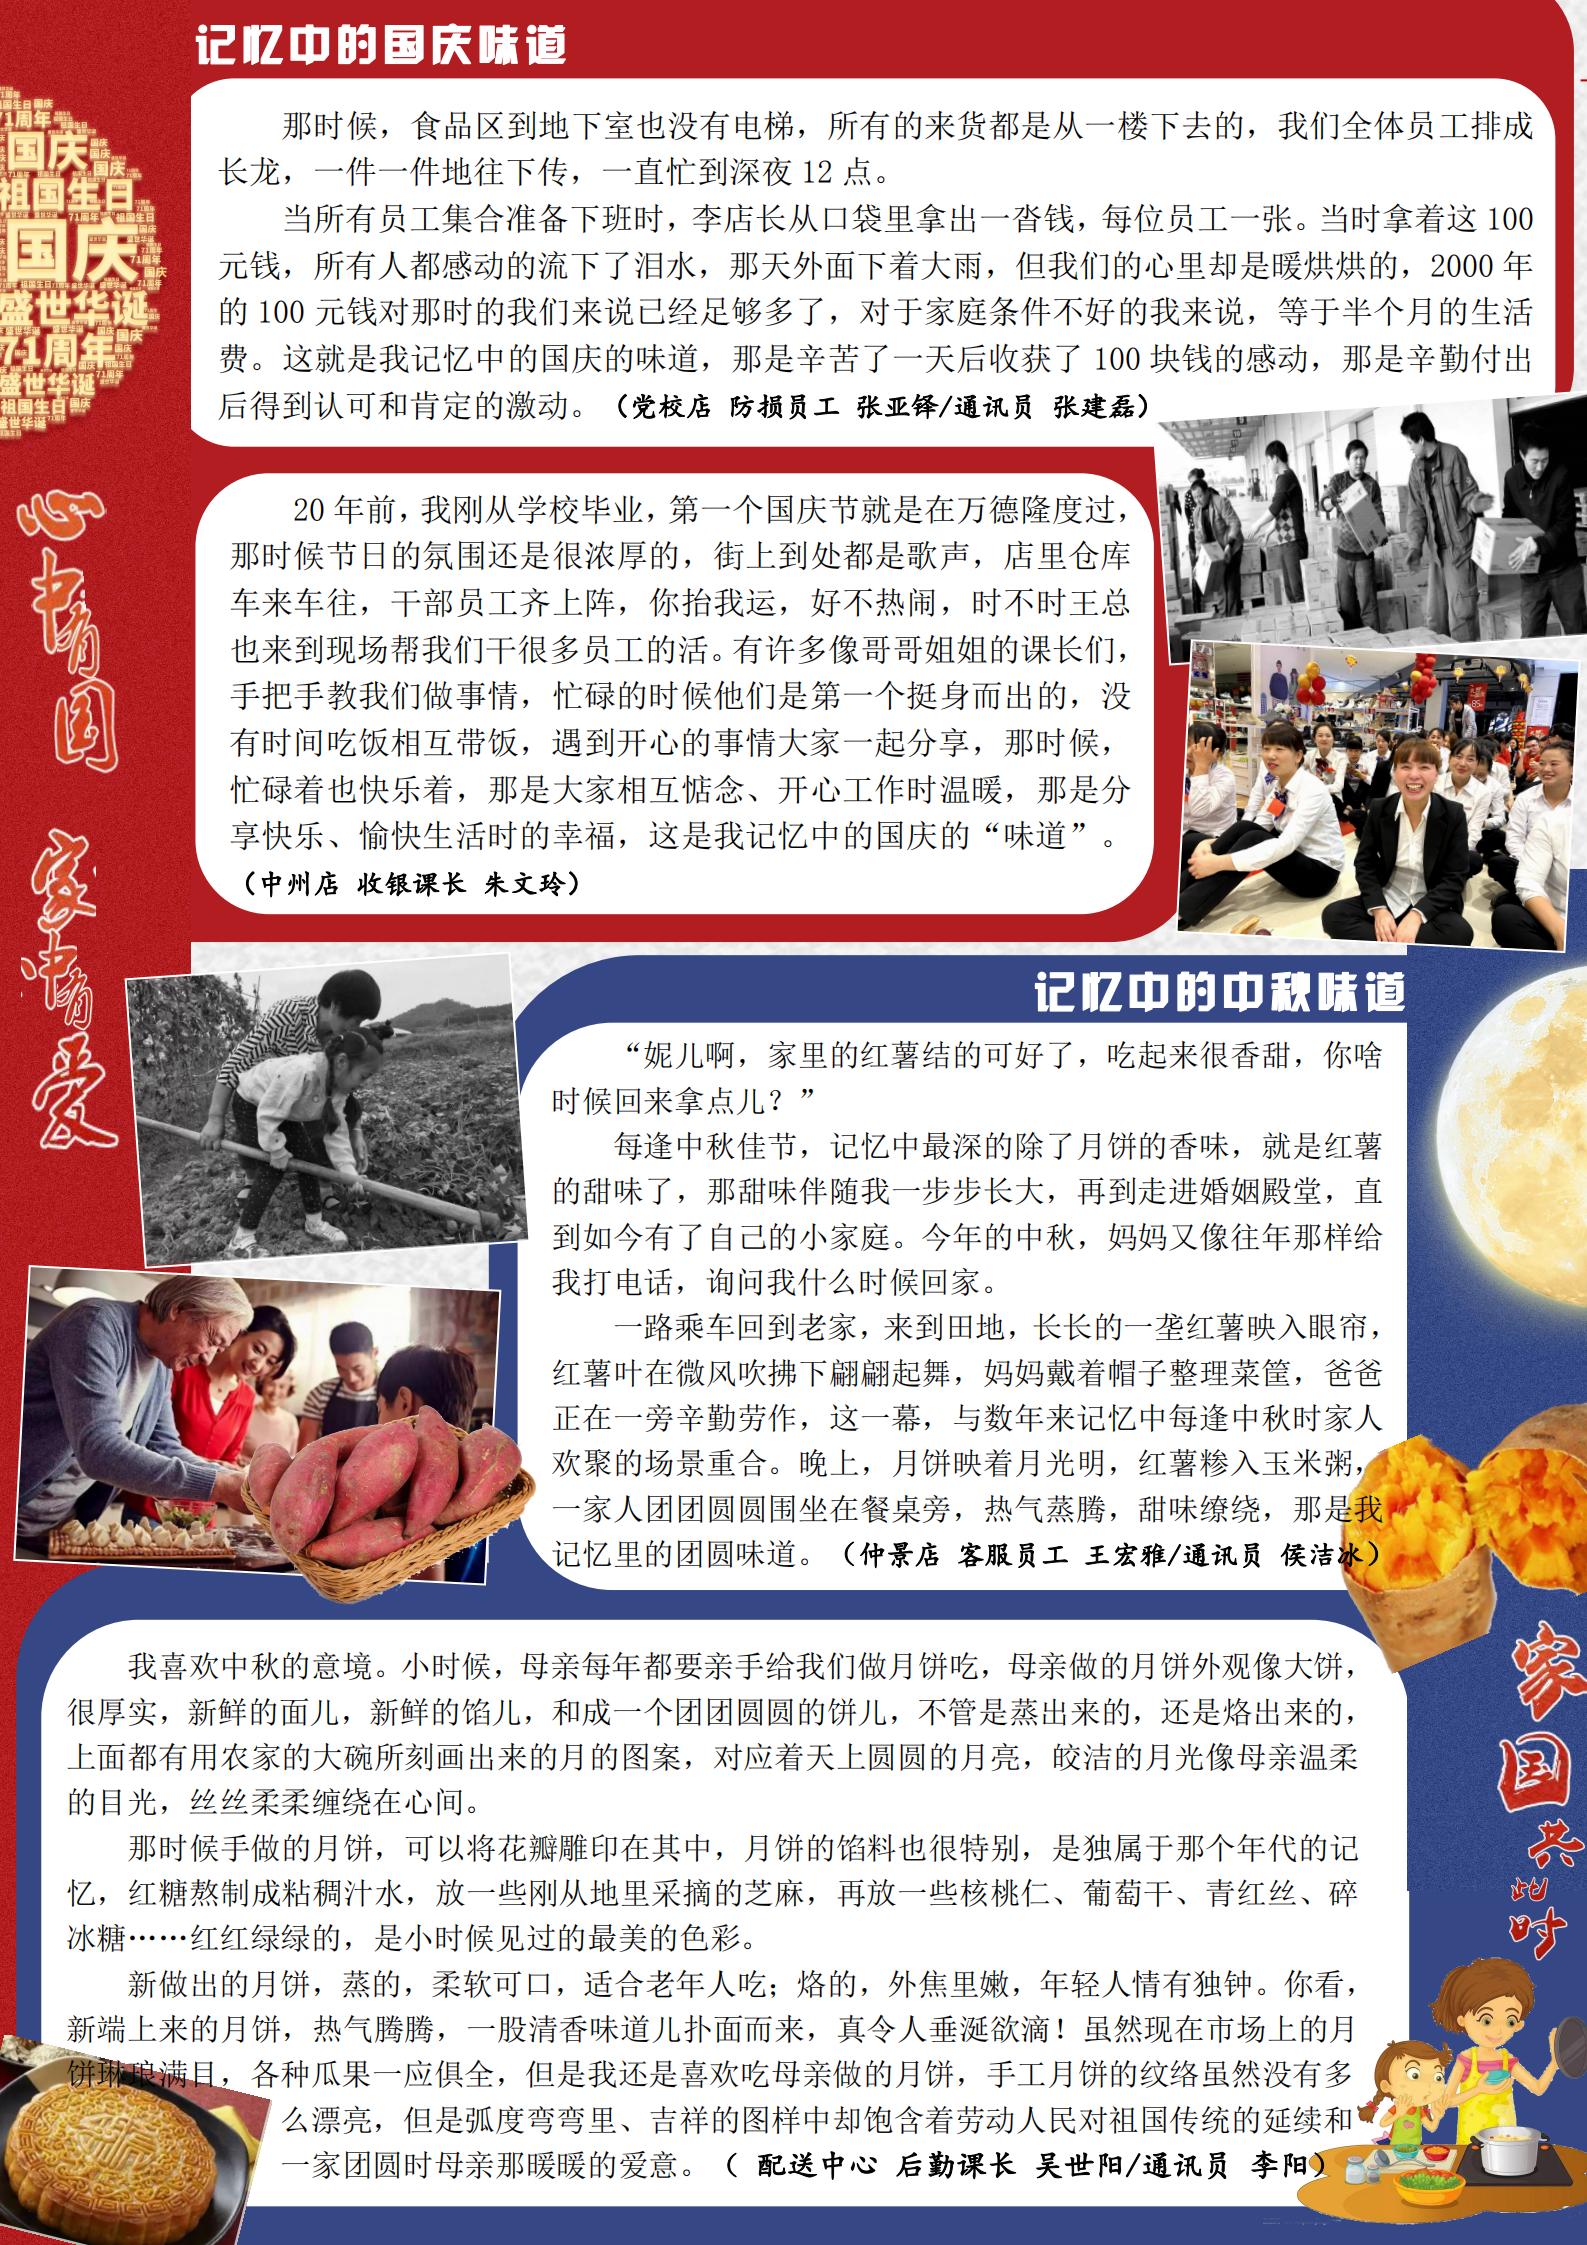 易胜博app苹果下载易胜博app苹果下载第1019期_03.png